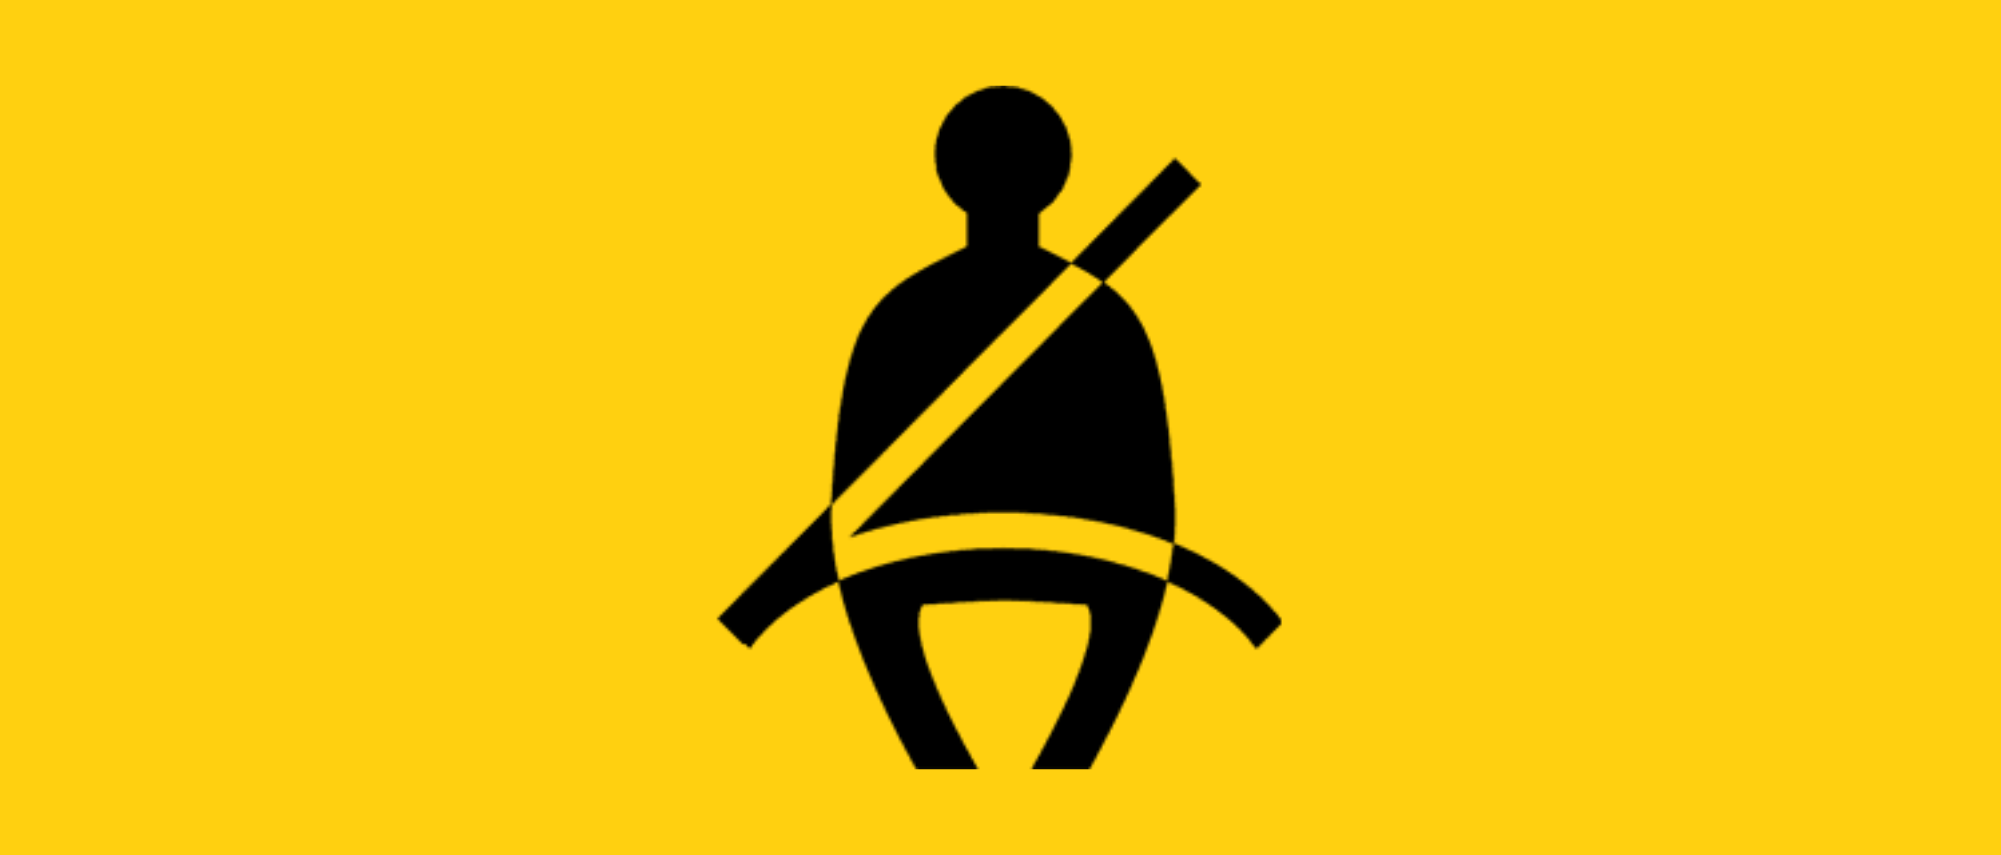 cinto de segurança